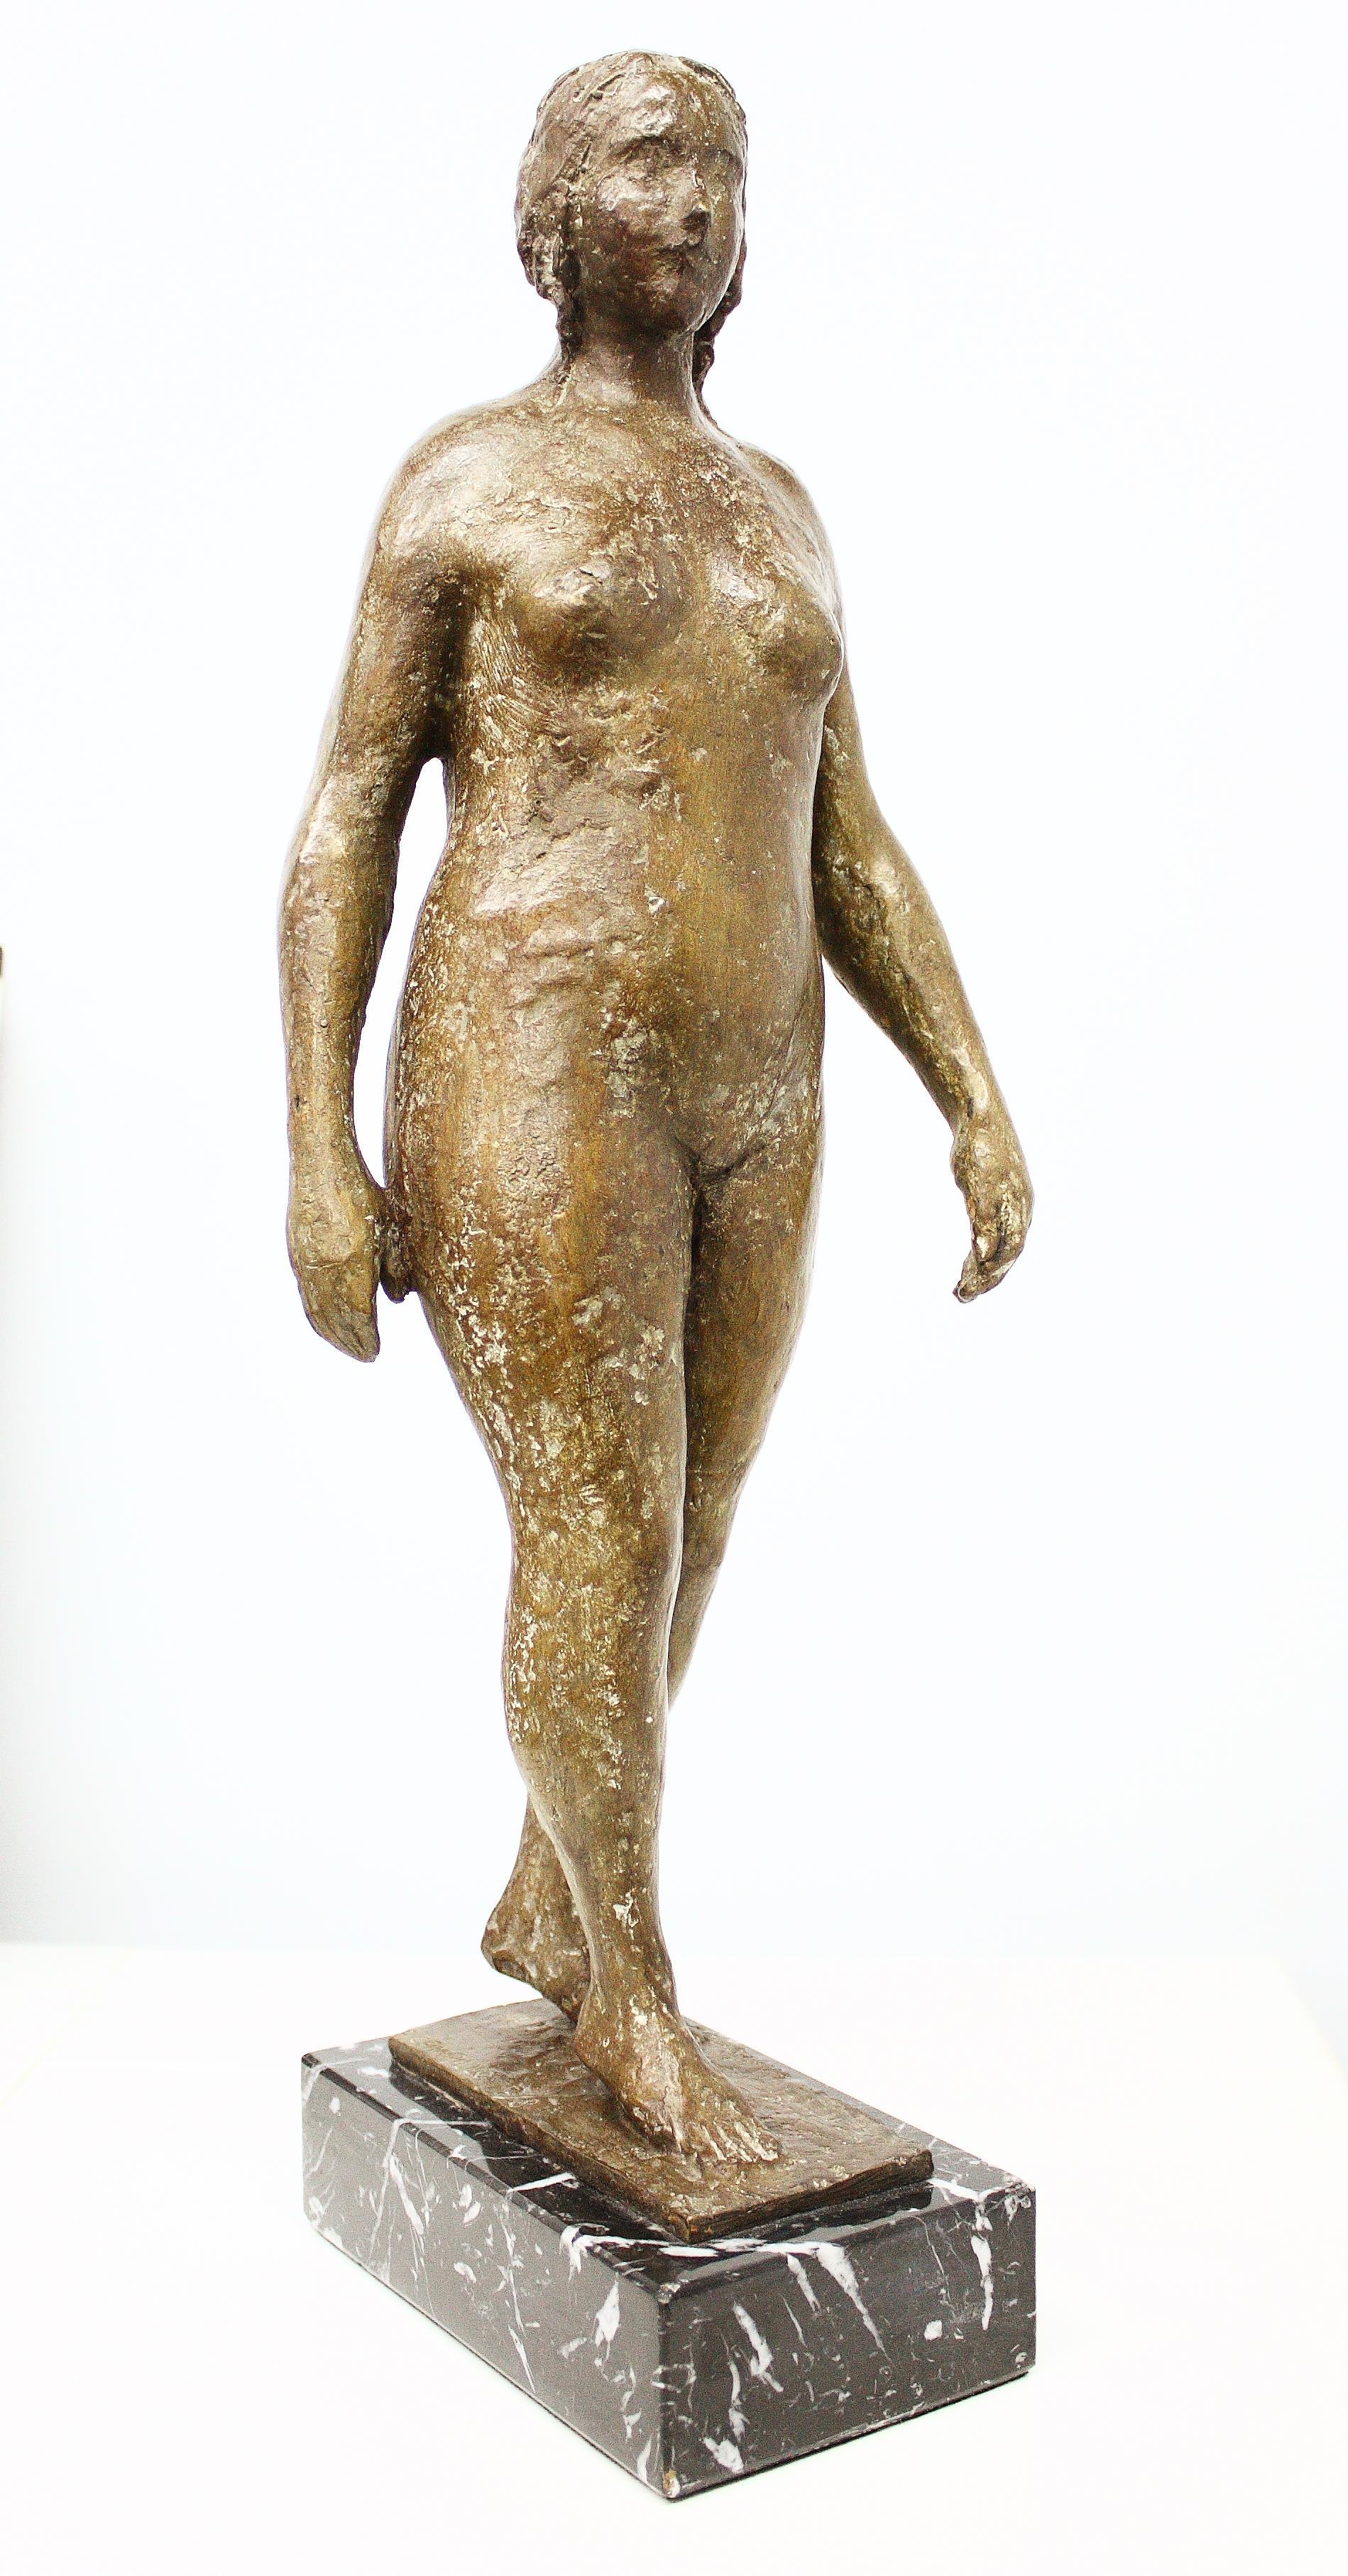 Antonio Campillo (Murcia 1925 – 2009). Mujer caminando. Bronce numerado 7/8 Medidas de 44 x 12 x 15